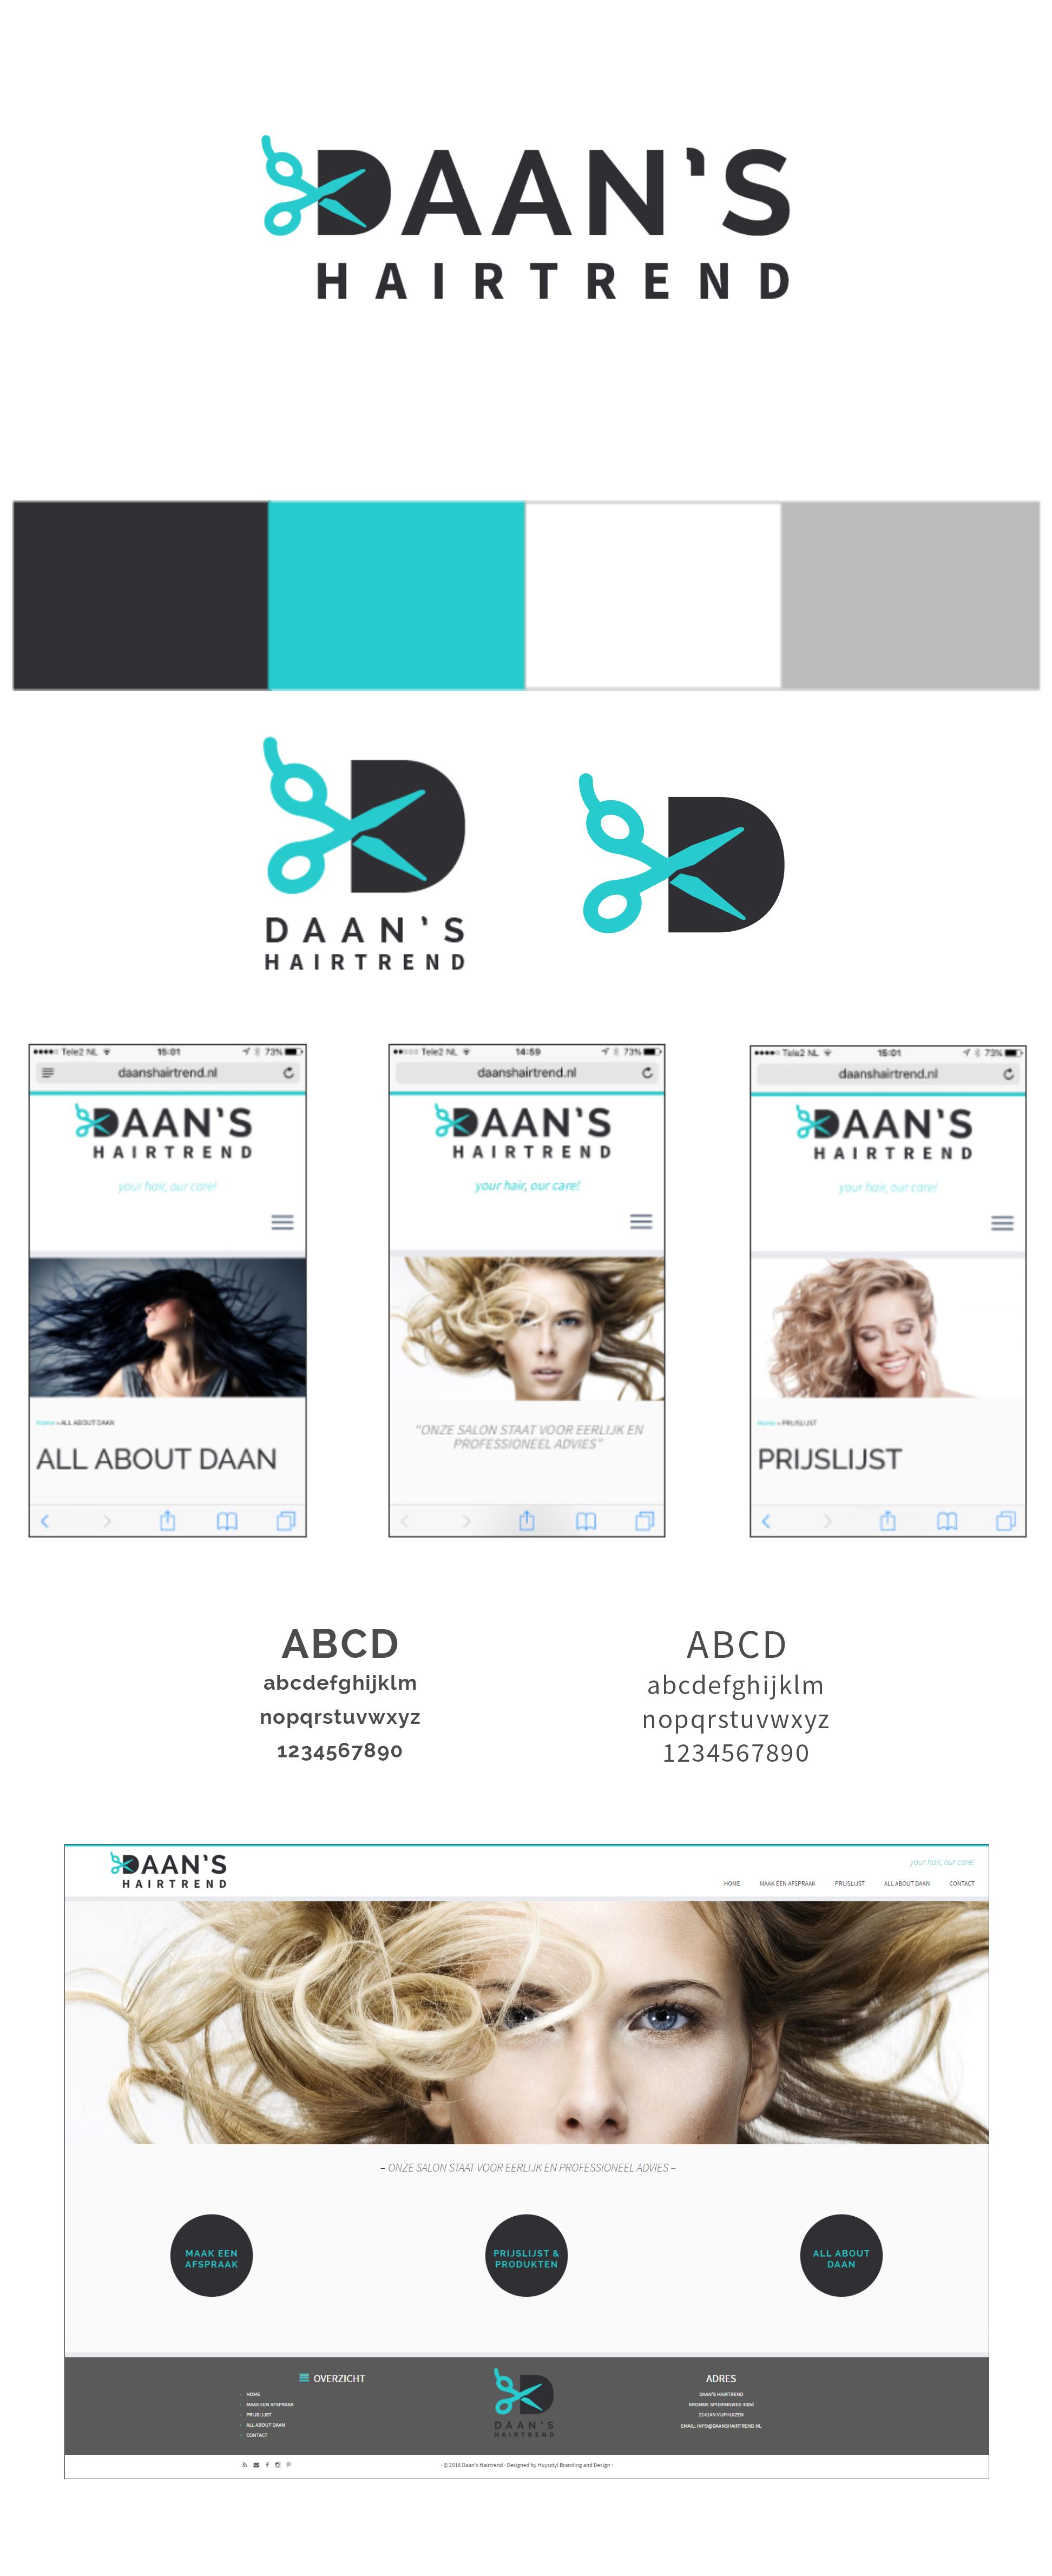 daan's hairtrend